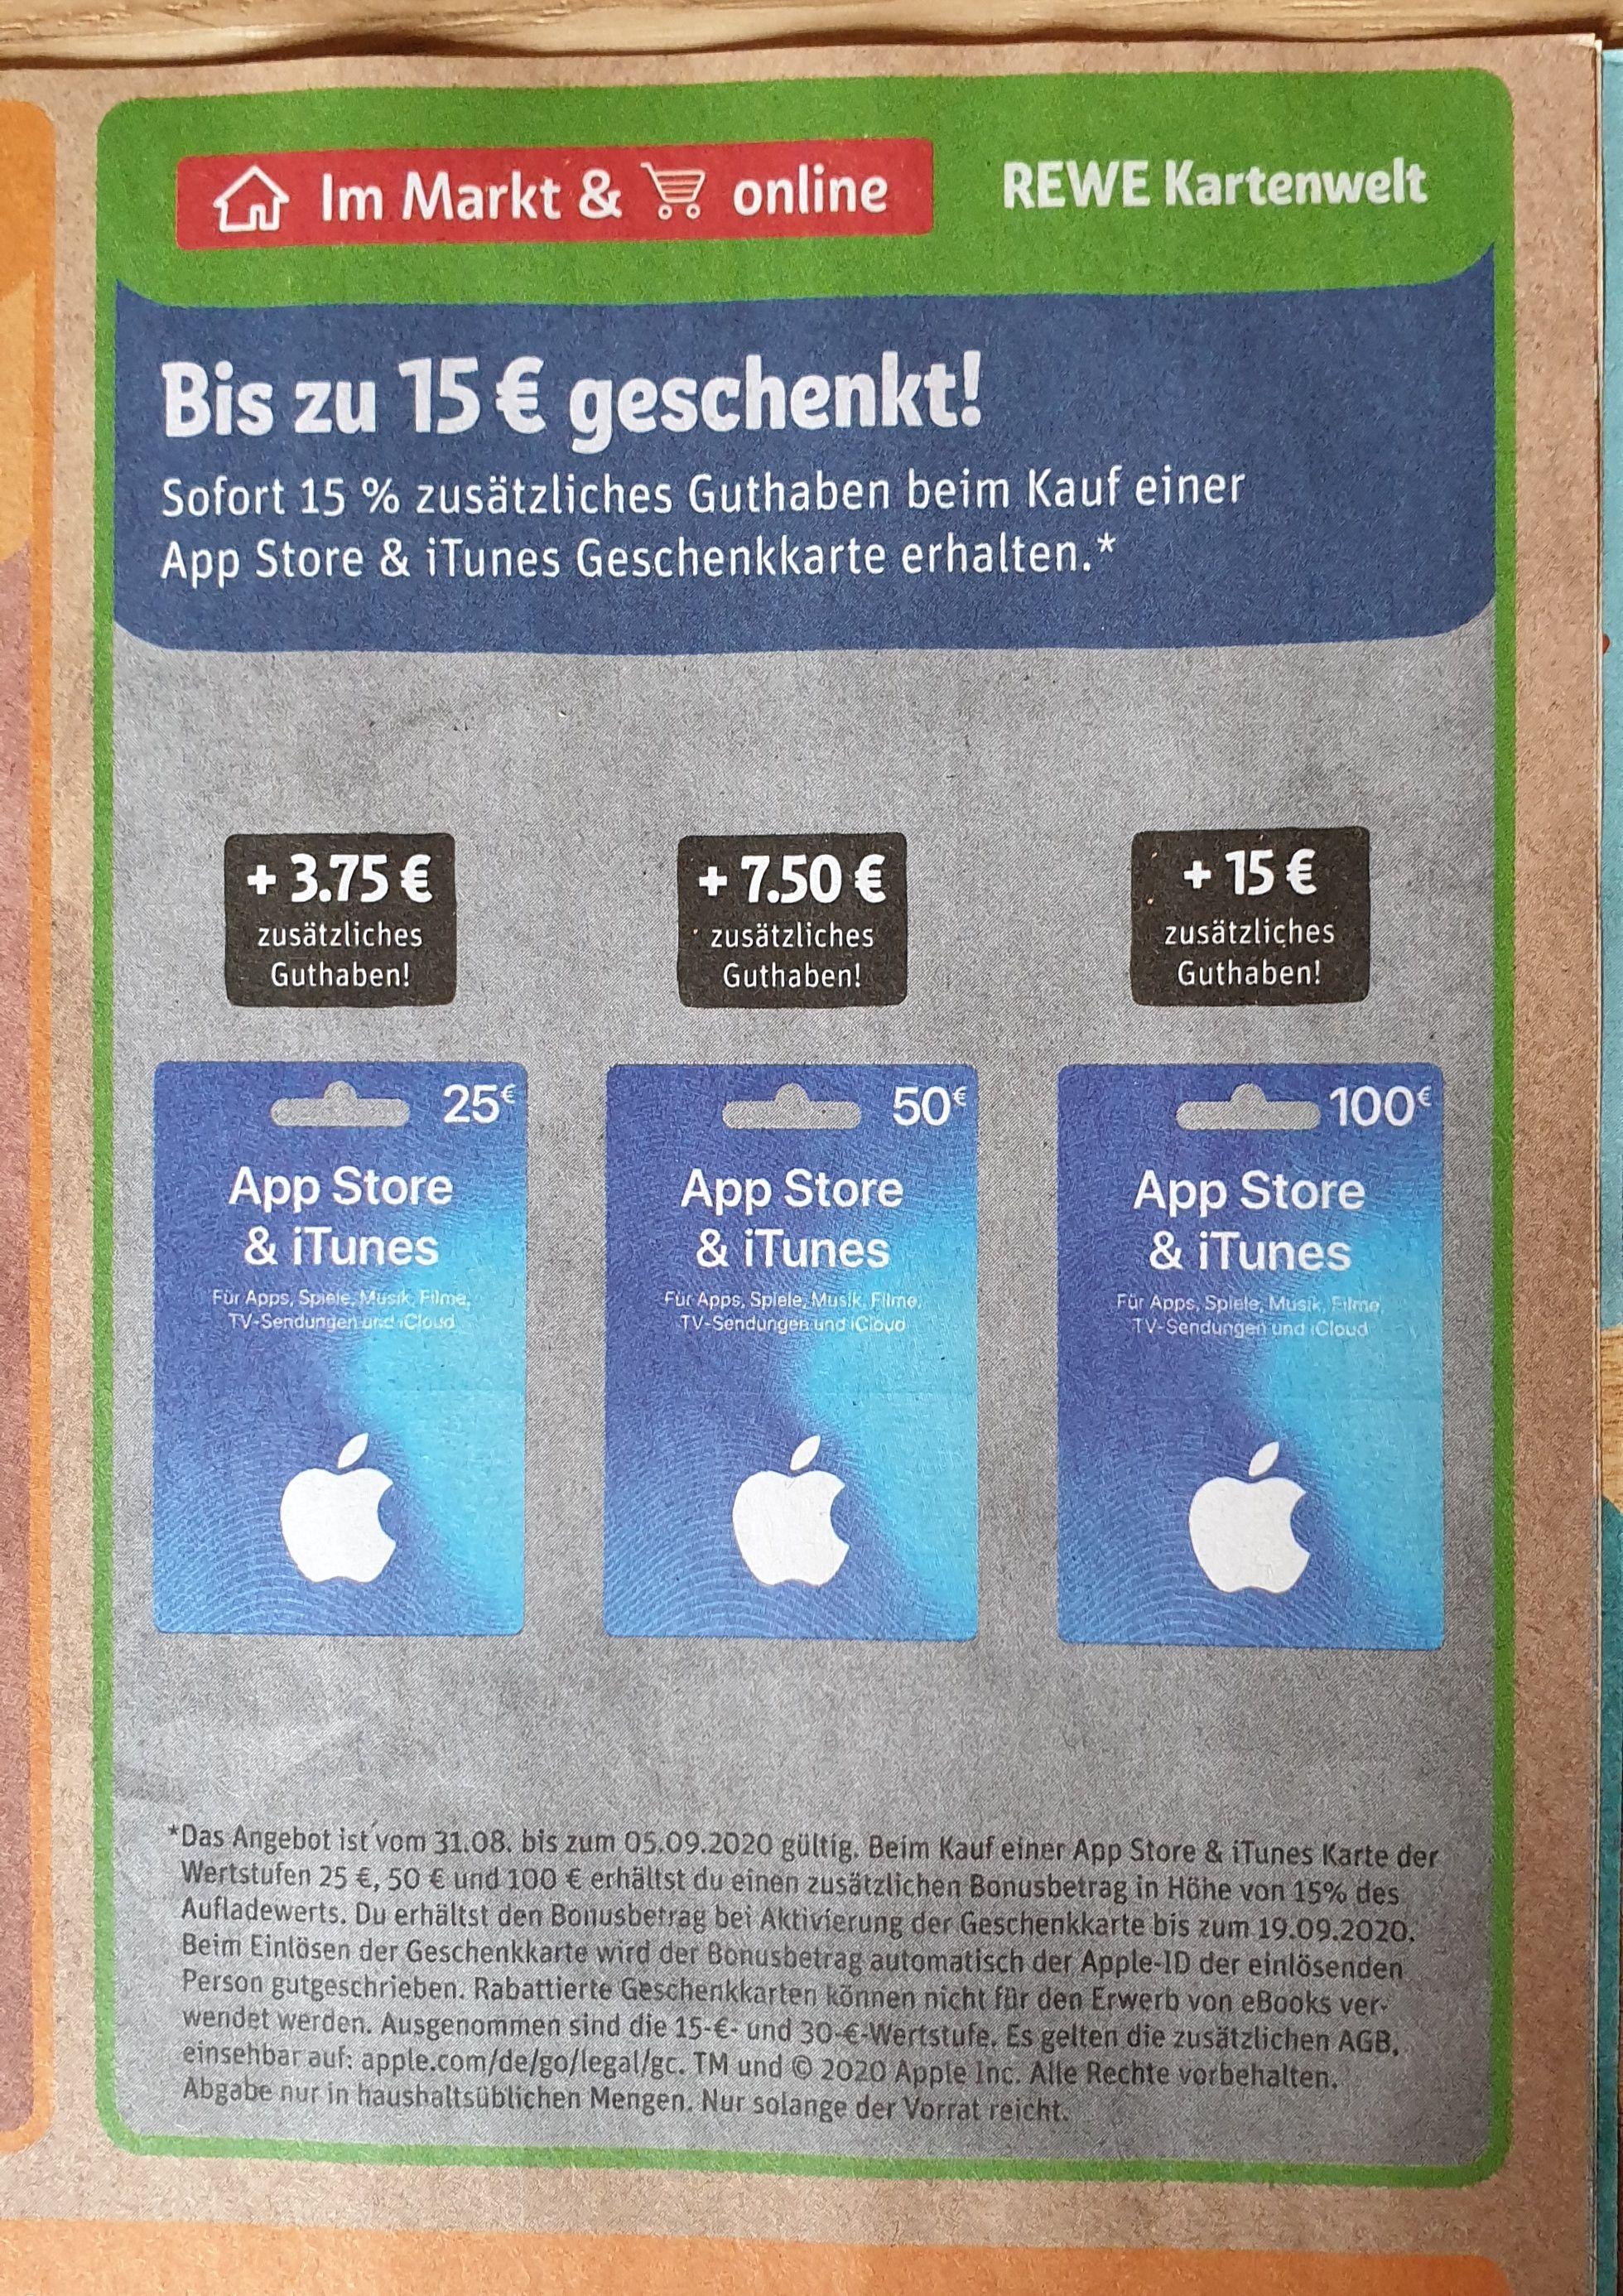 Lokal und Online Apple App Store & ITunes 15% zusätzliches Guthaben bei Rewe